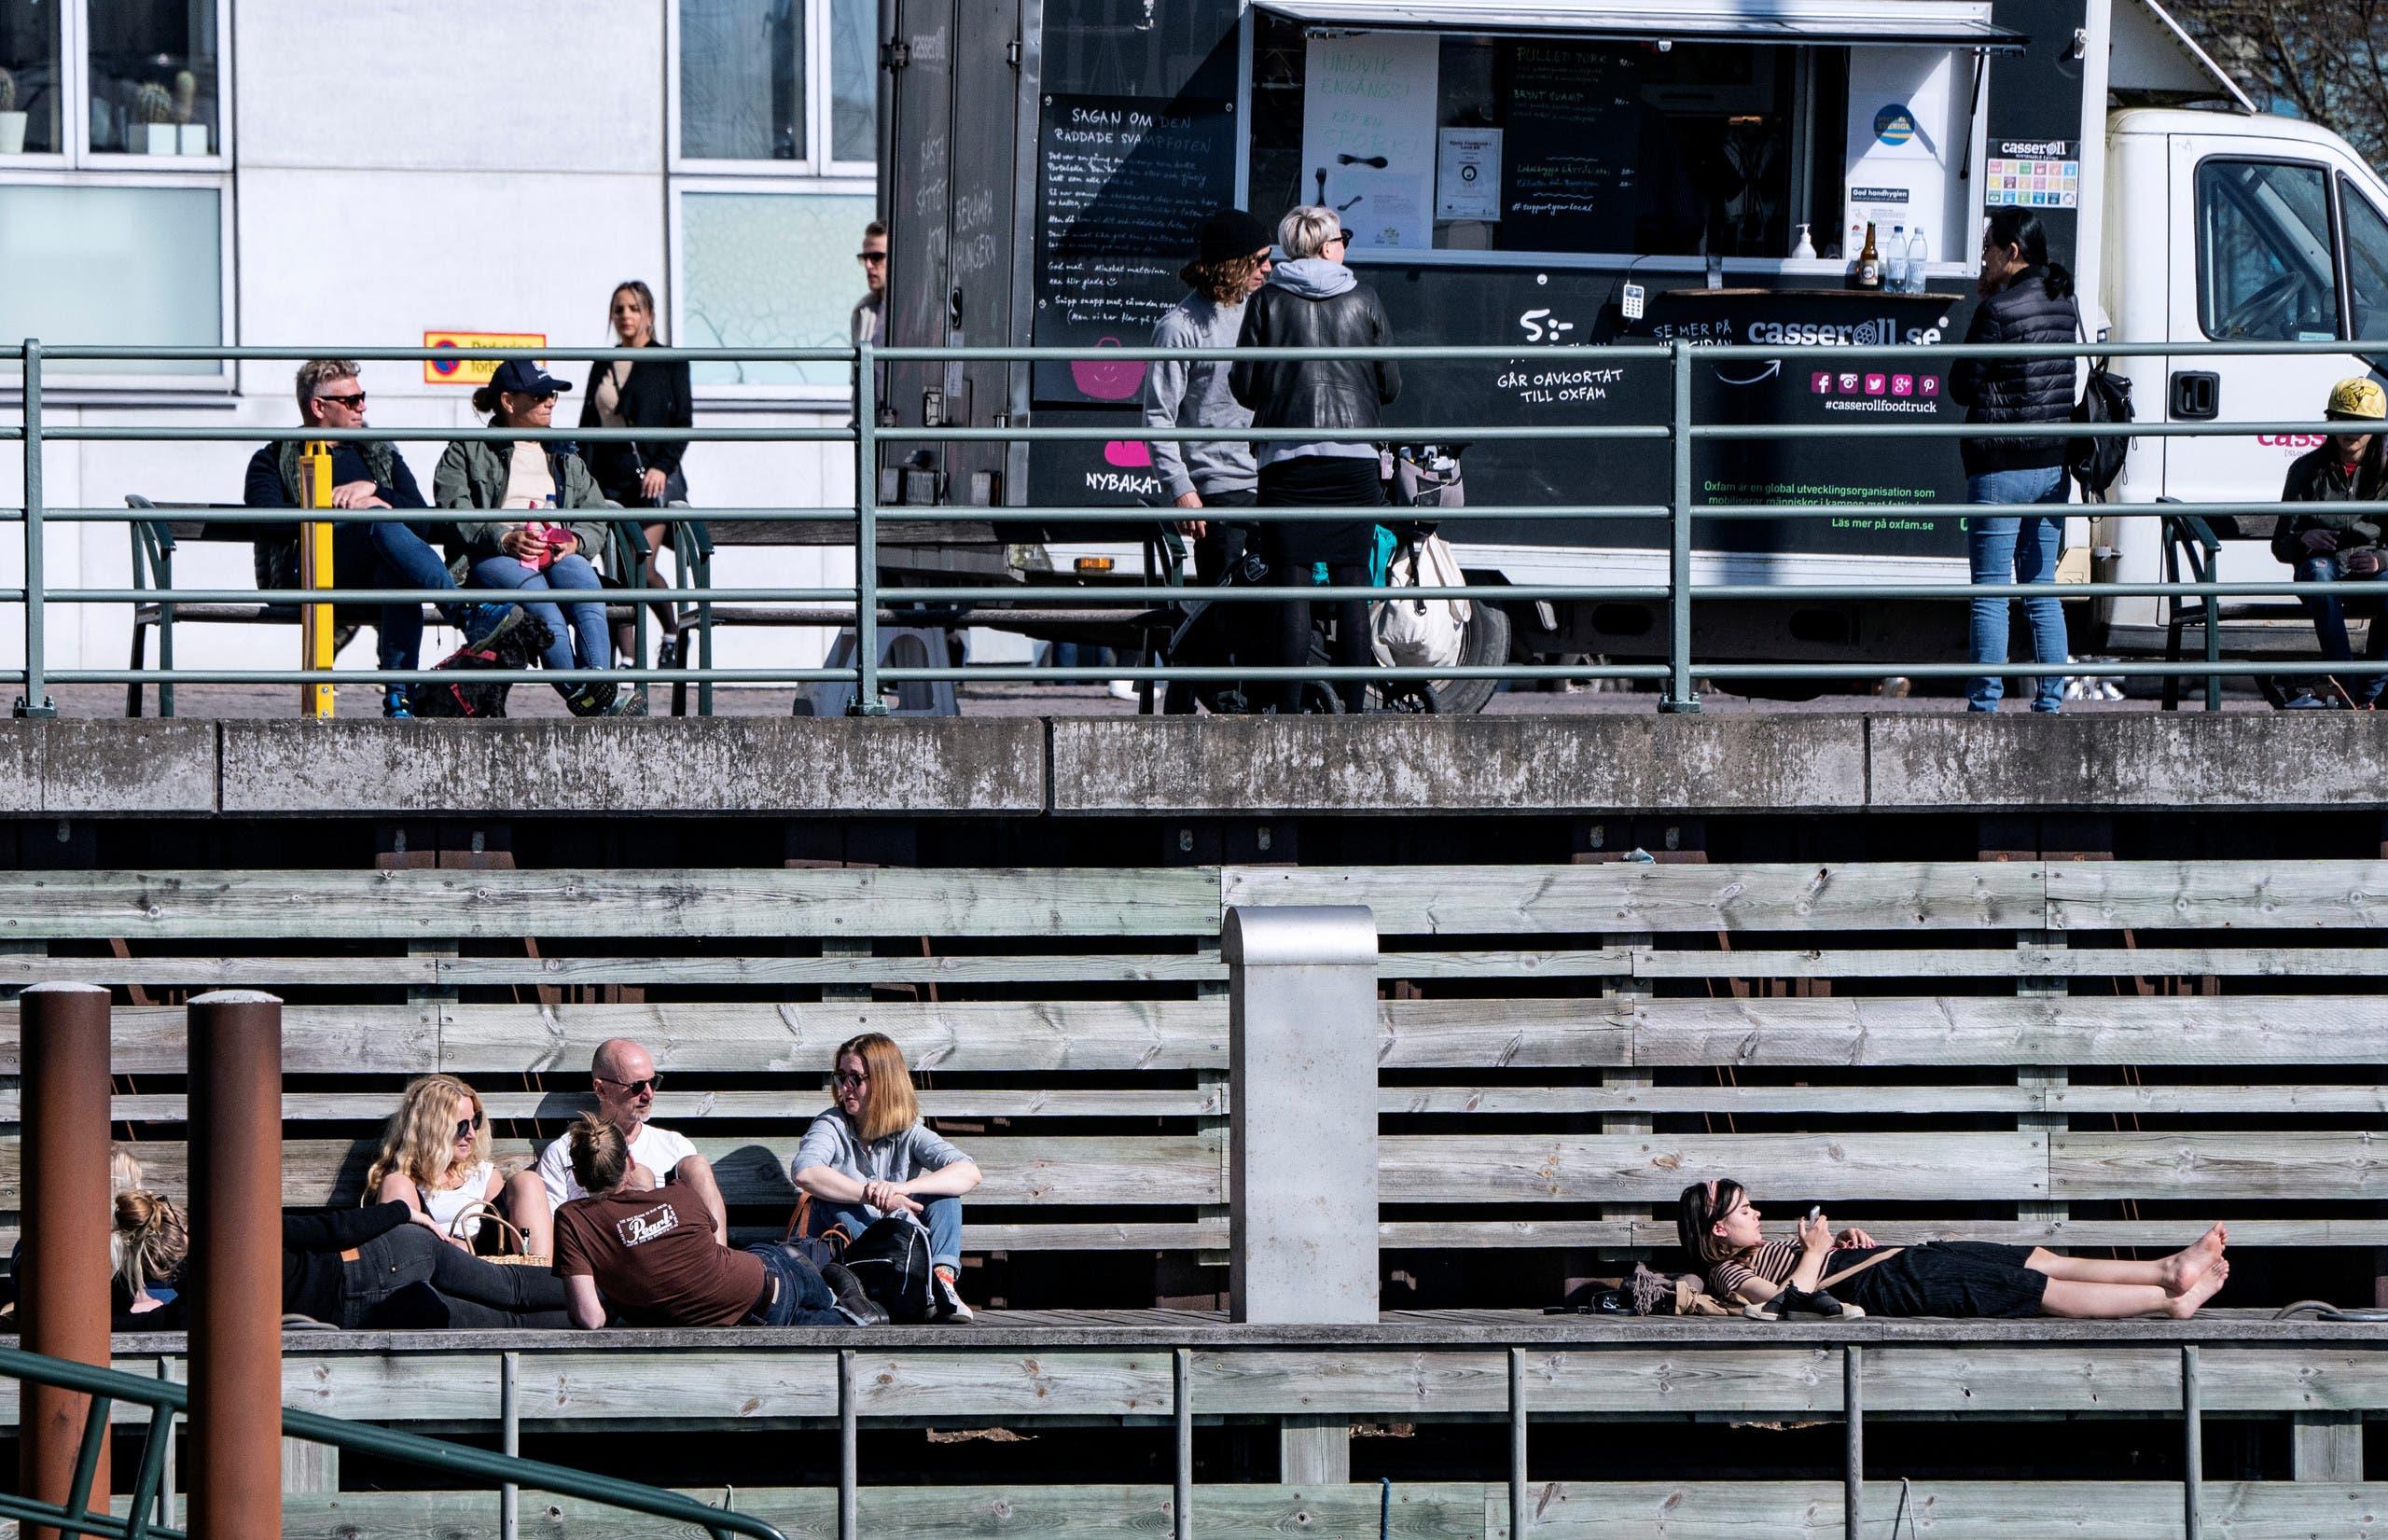 ازدحام في مالمو بالسويد حيث استمتع الناس أمس الأحد بالشمس بالهواء الطلق